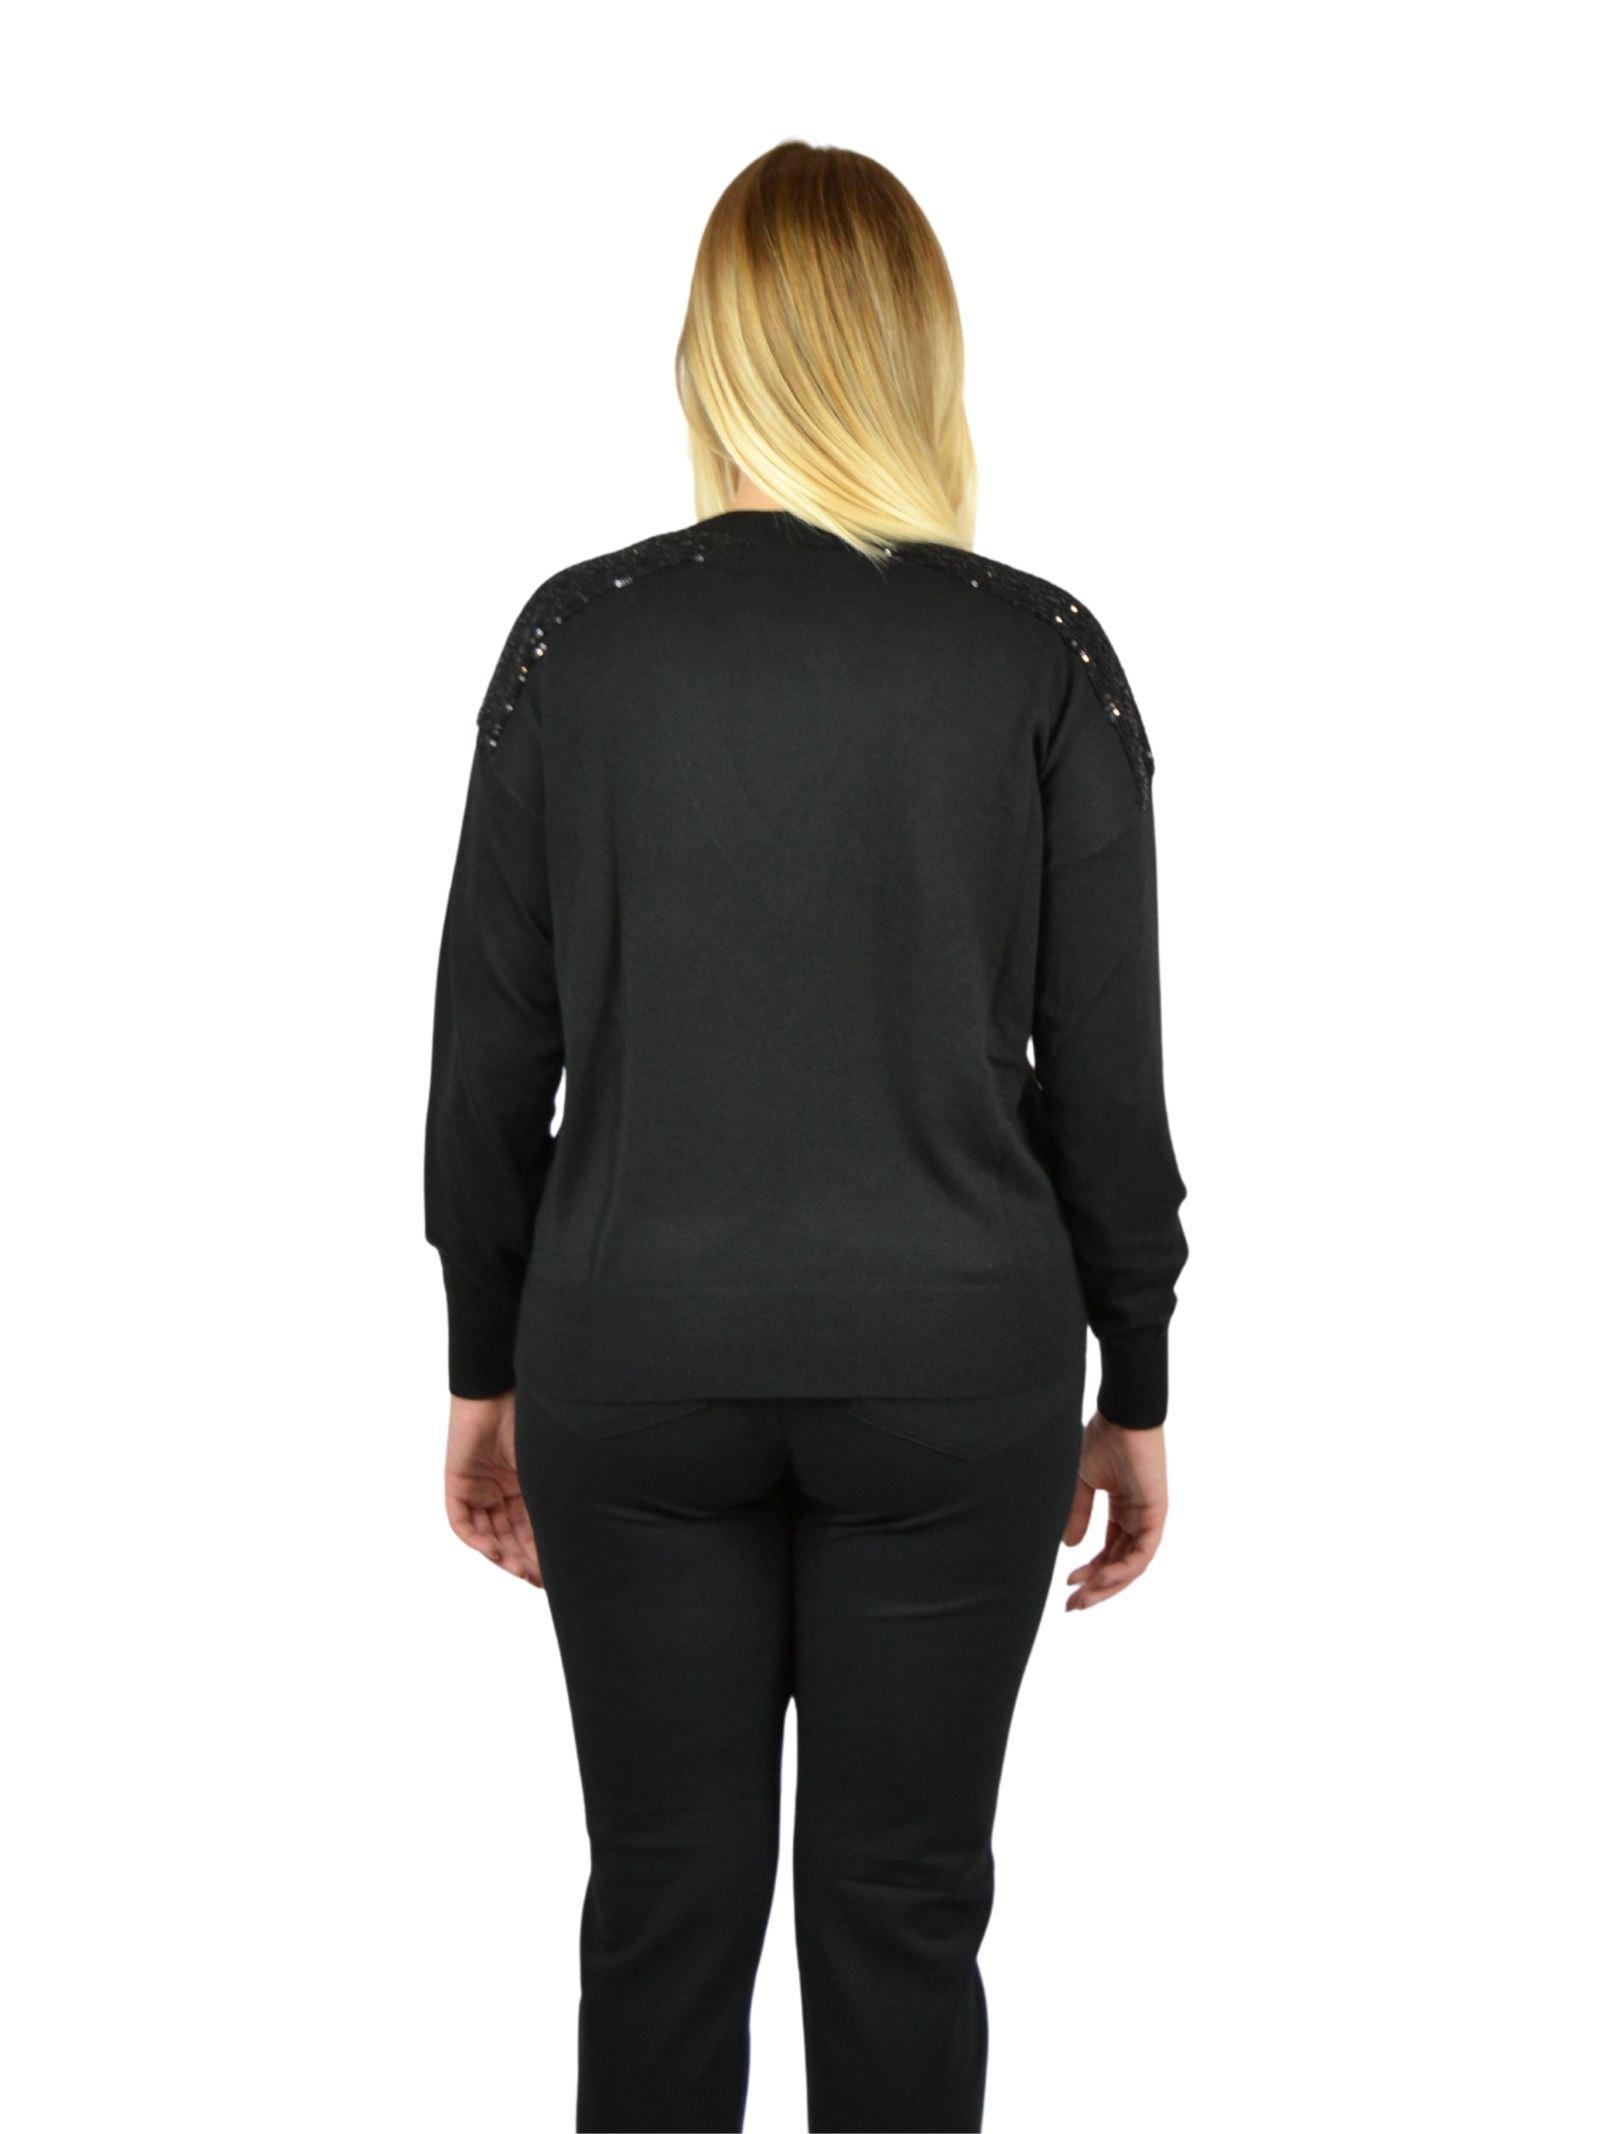 Wool sweater GAUDI |  | FD530312001